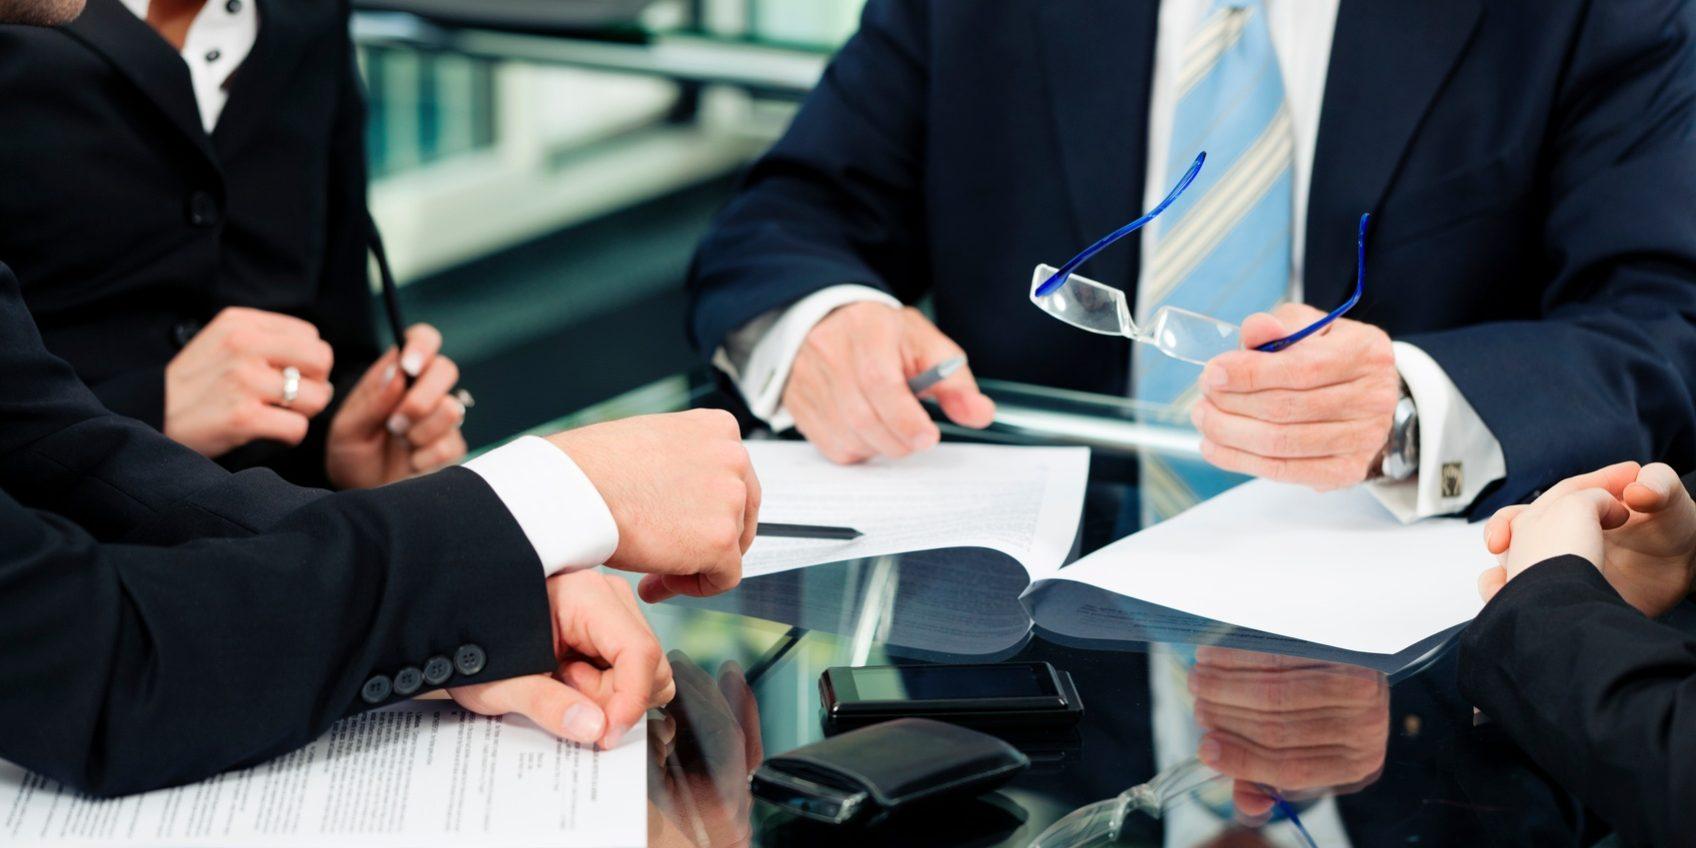 Как воспользоваться услугами юриста и адвоката